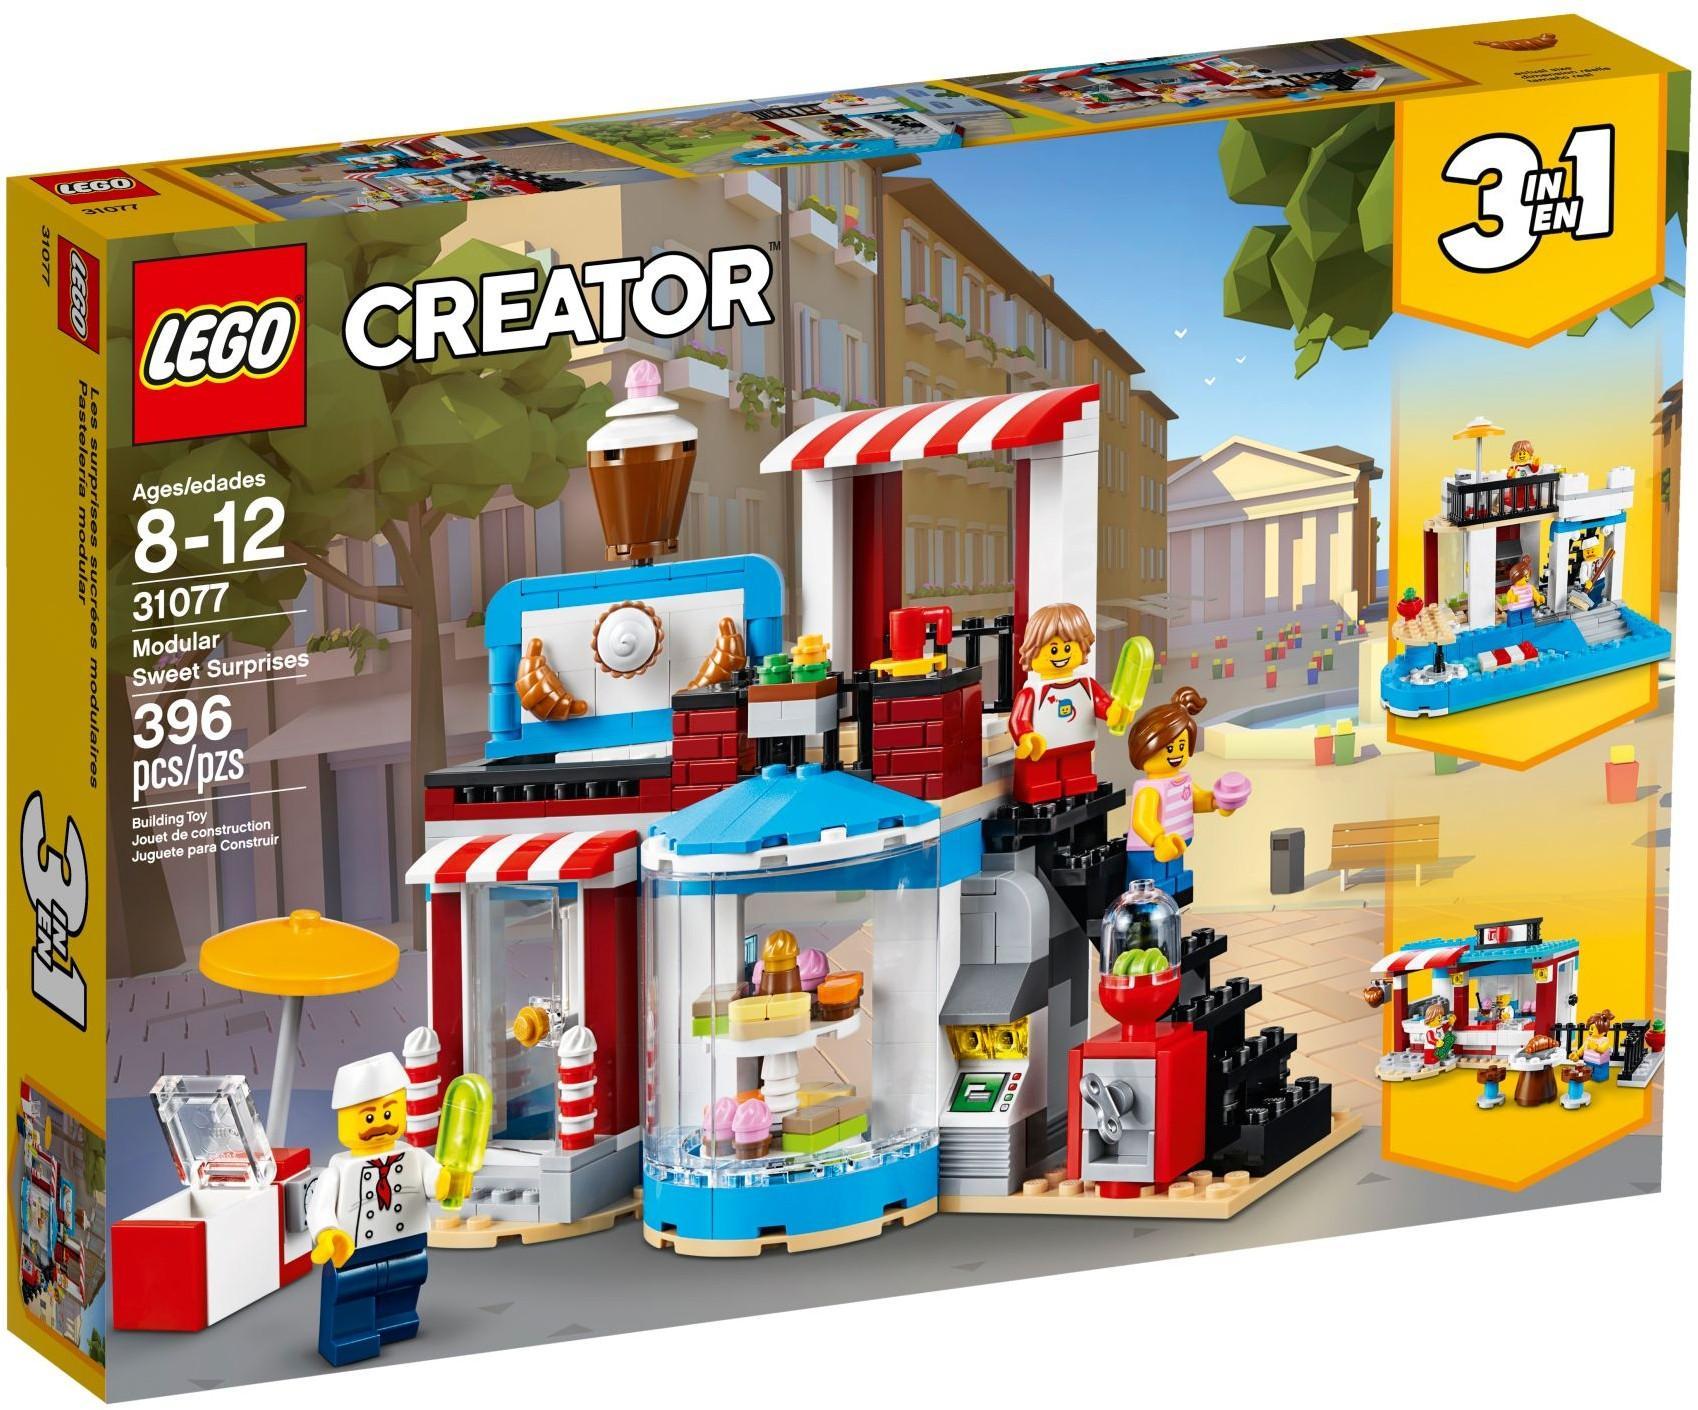 Plein De Lego® Un Surprises Creator Univers 31077 PZuOkiXT